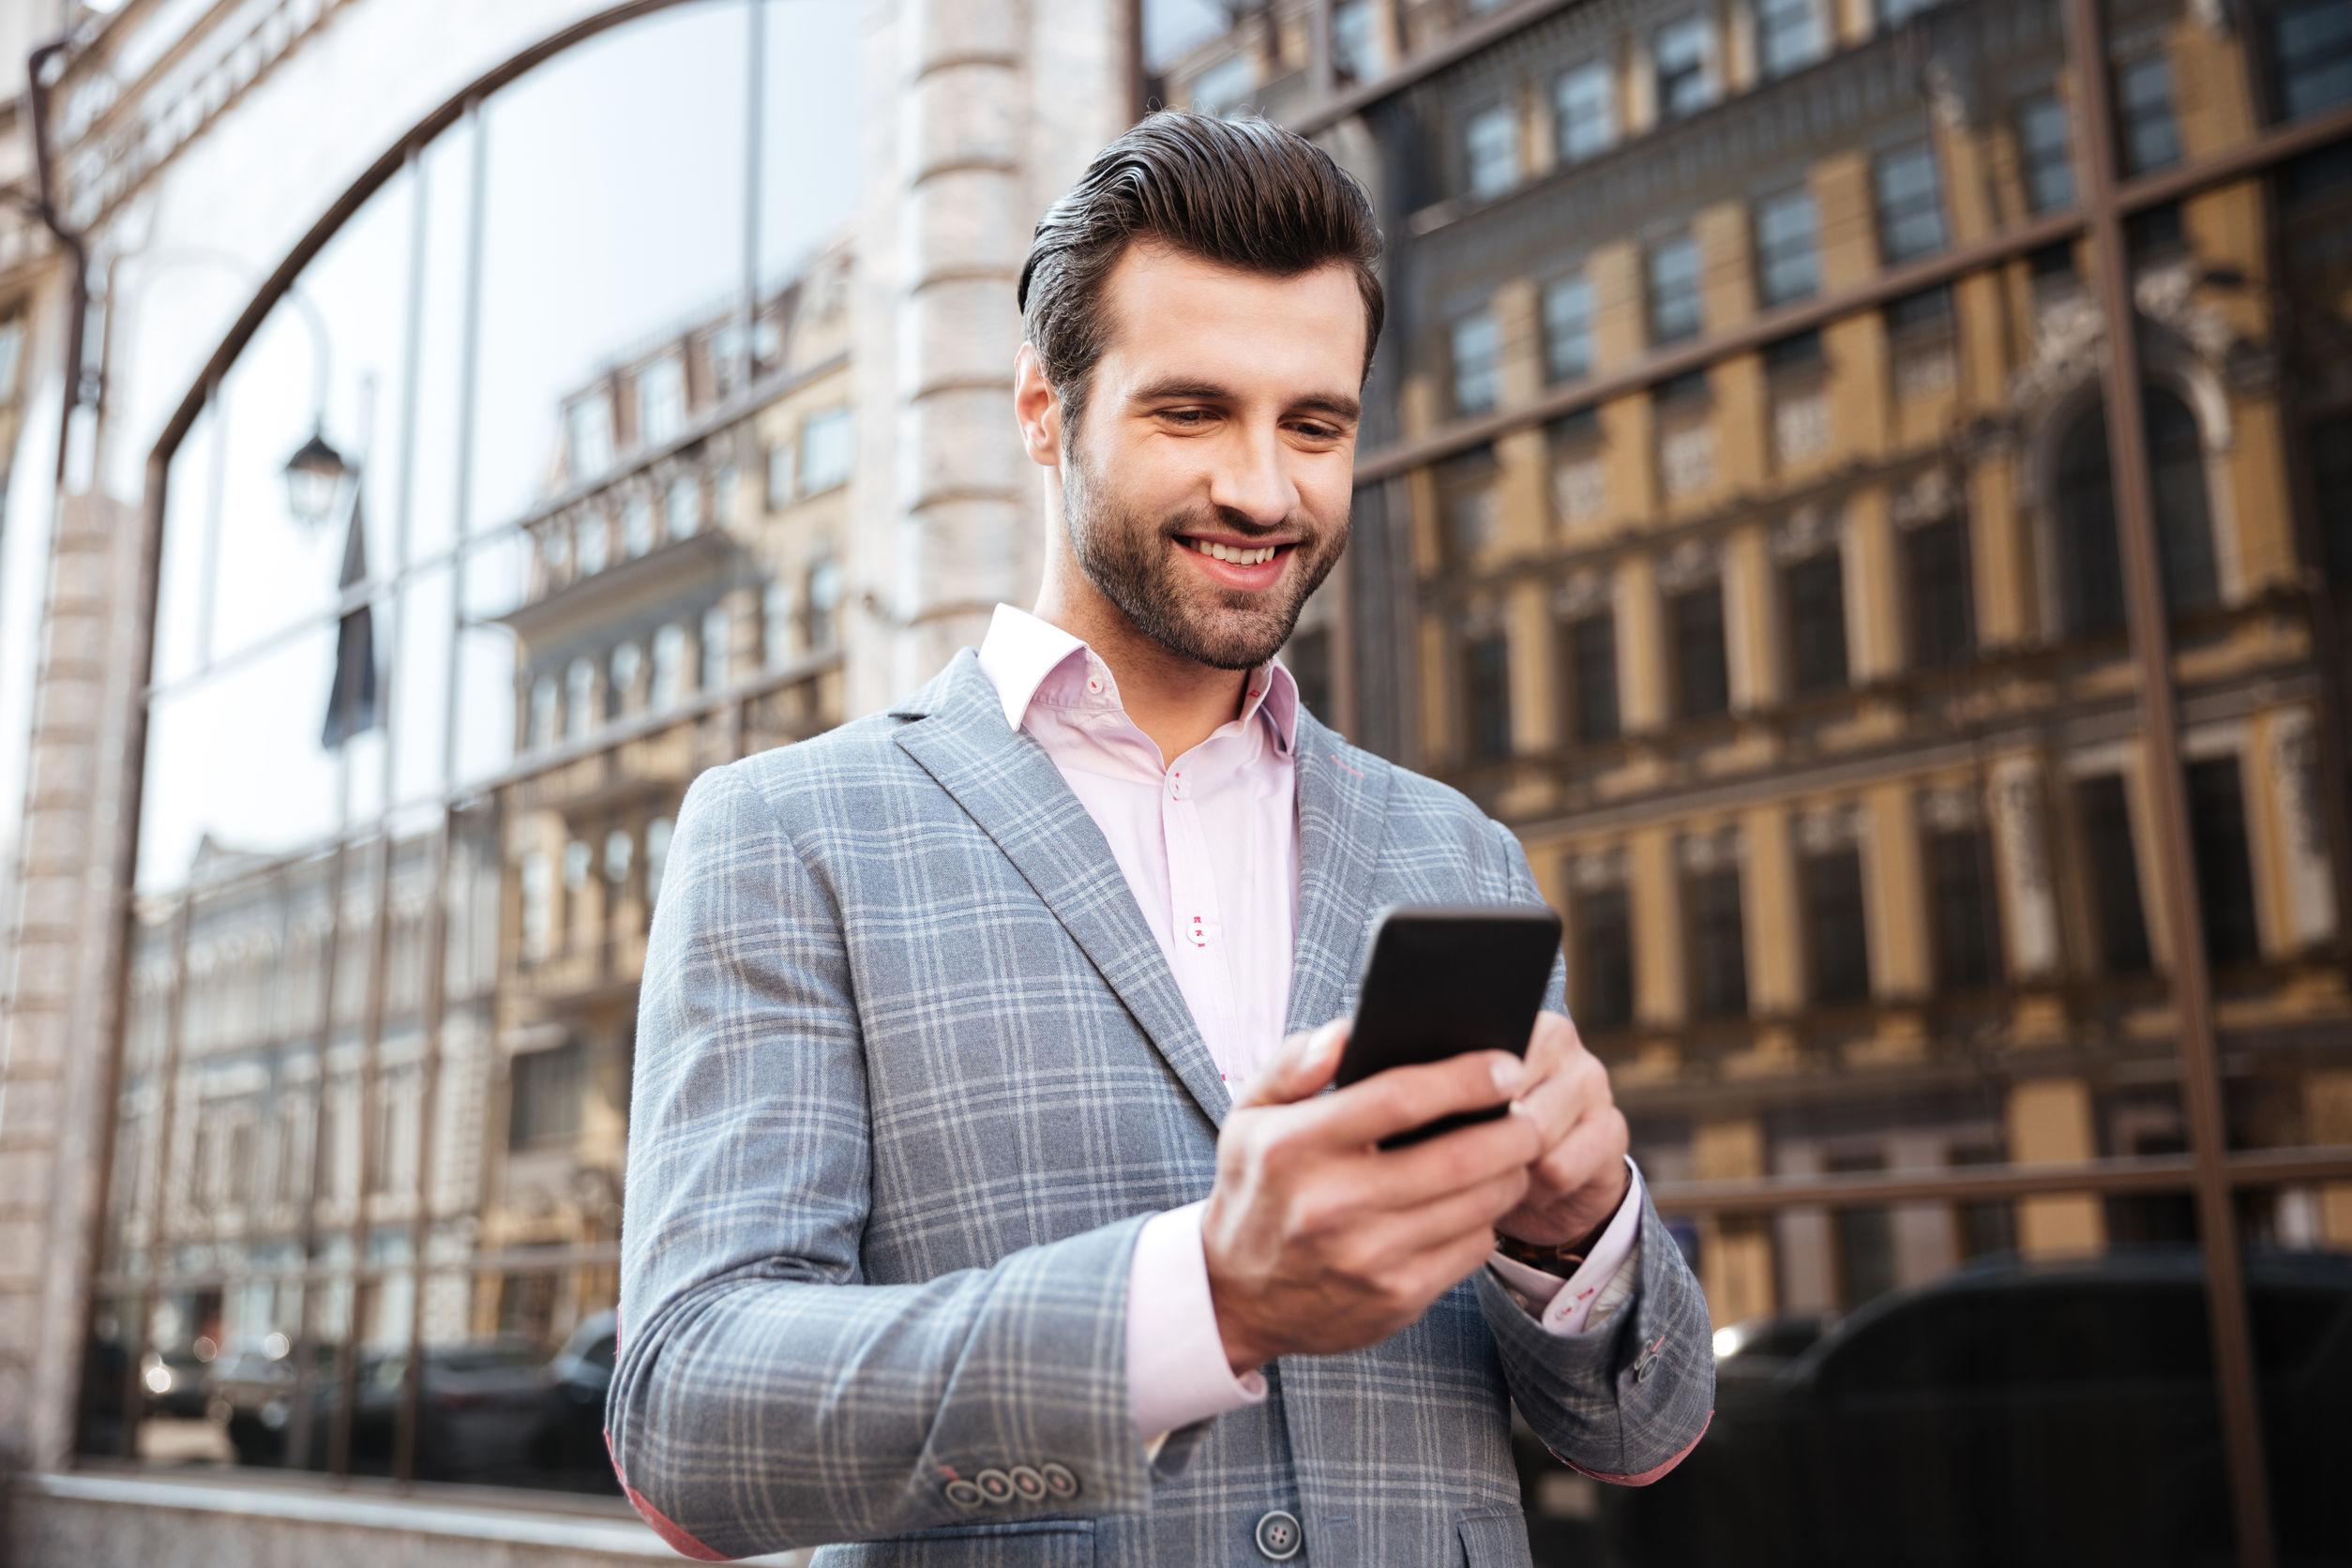 Joven sonriente en chaqueta mirando el teléfono móvil en una zona de la ciudad